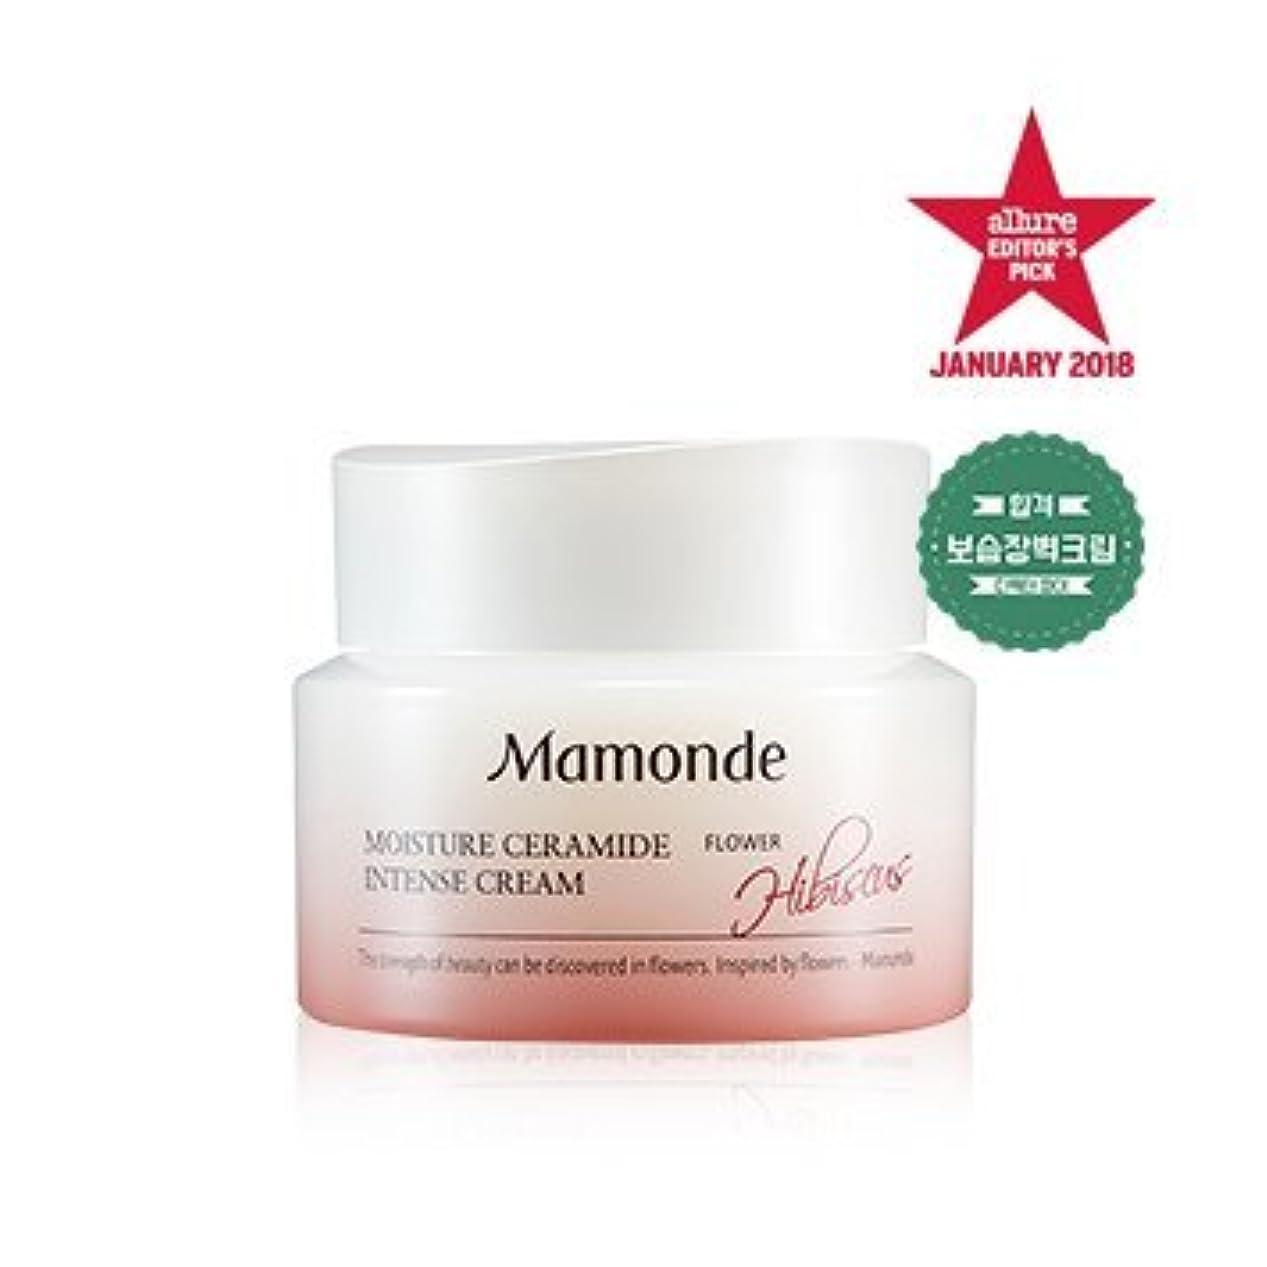 飼料標高増幅する[MAMONDE] モイスチャーセラミドインテンシブクリーム / Moisture Ceramide Intense cream 50ml [並行輸入品]